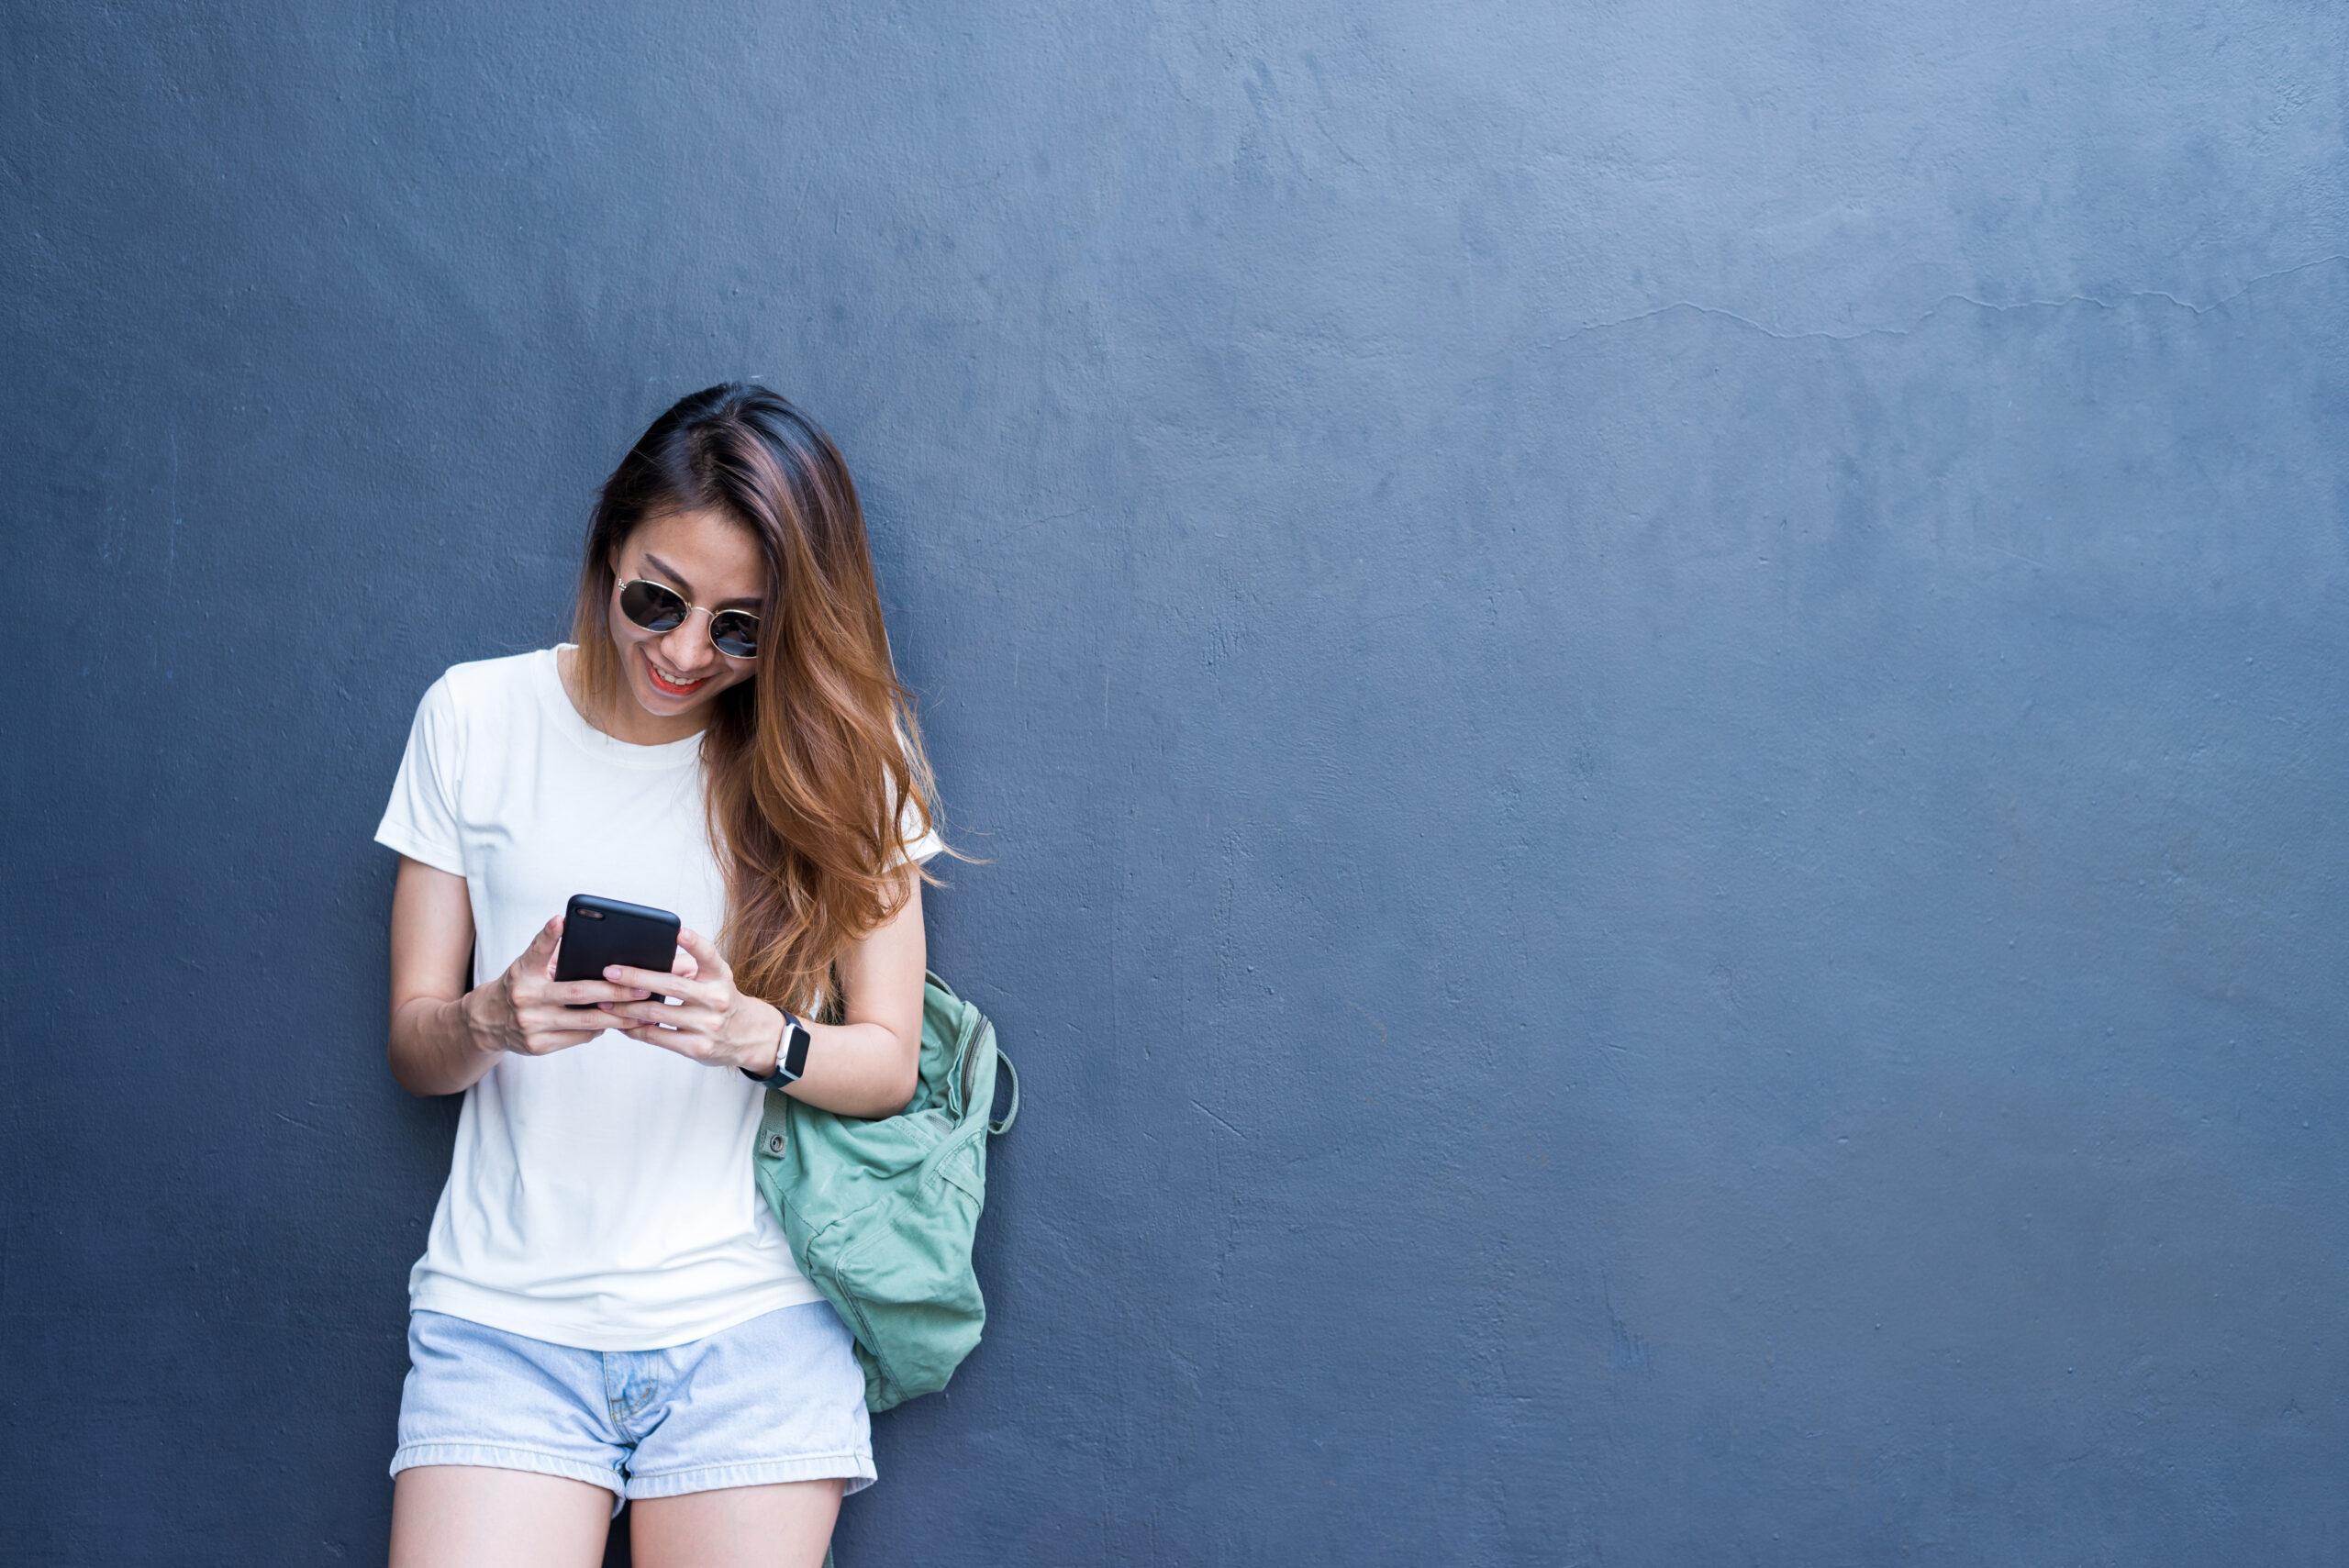 młoda dziewczyna z telefonem